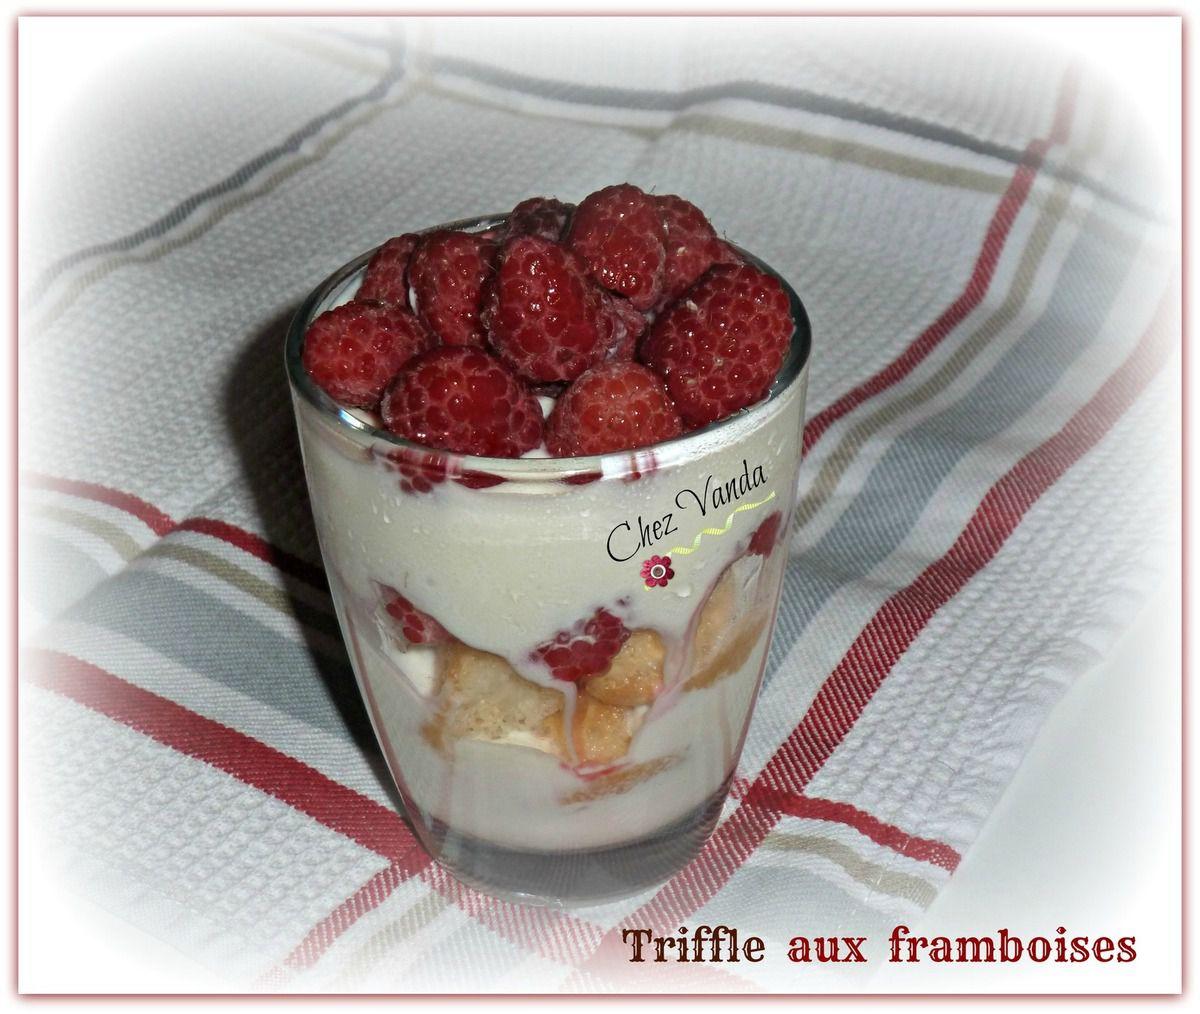 Trifle aux framboises